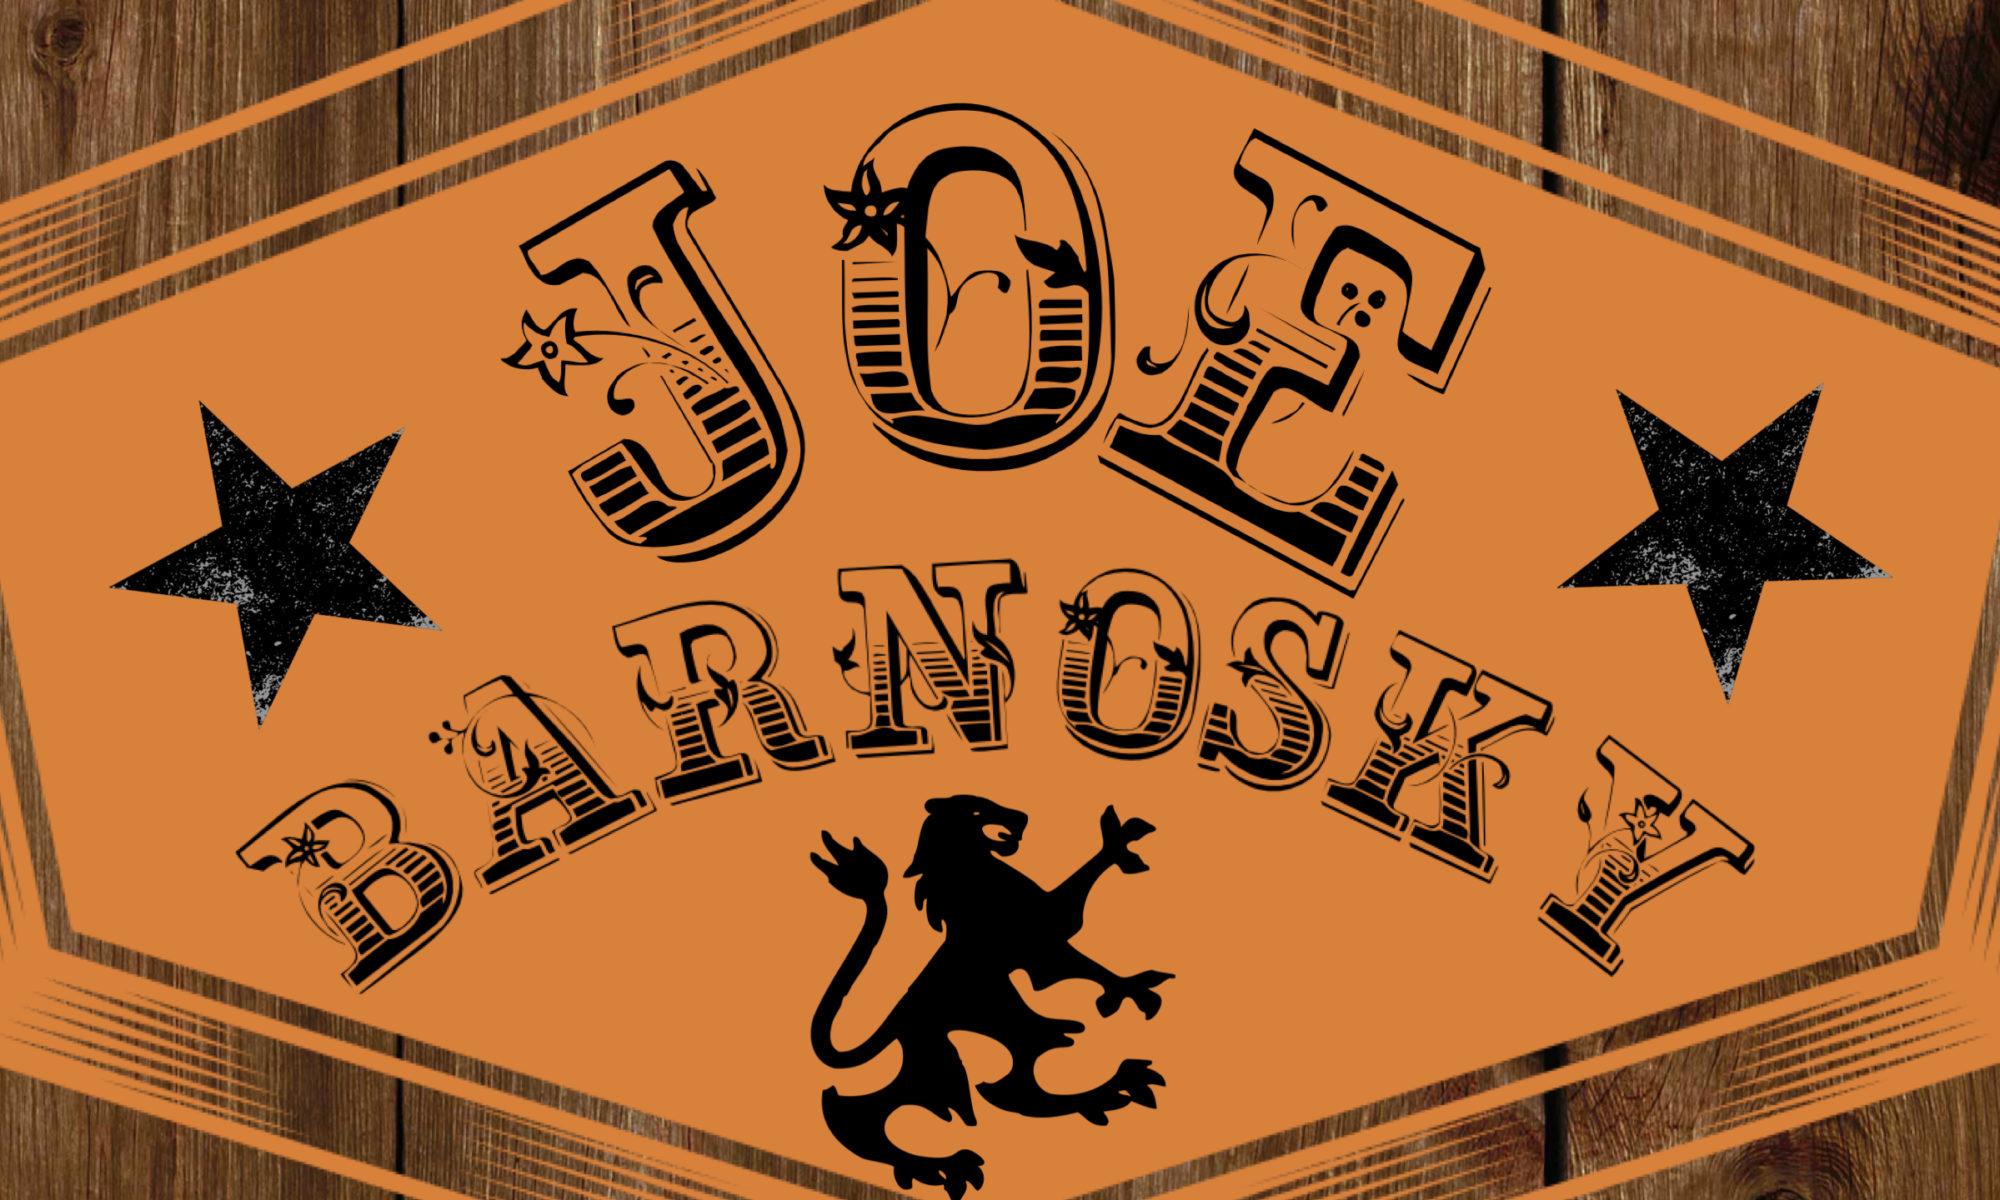 Joe Barnosky